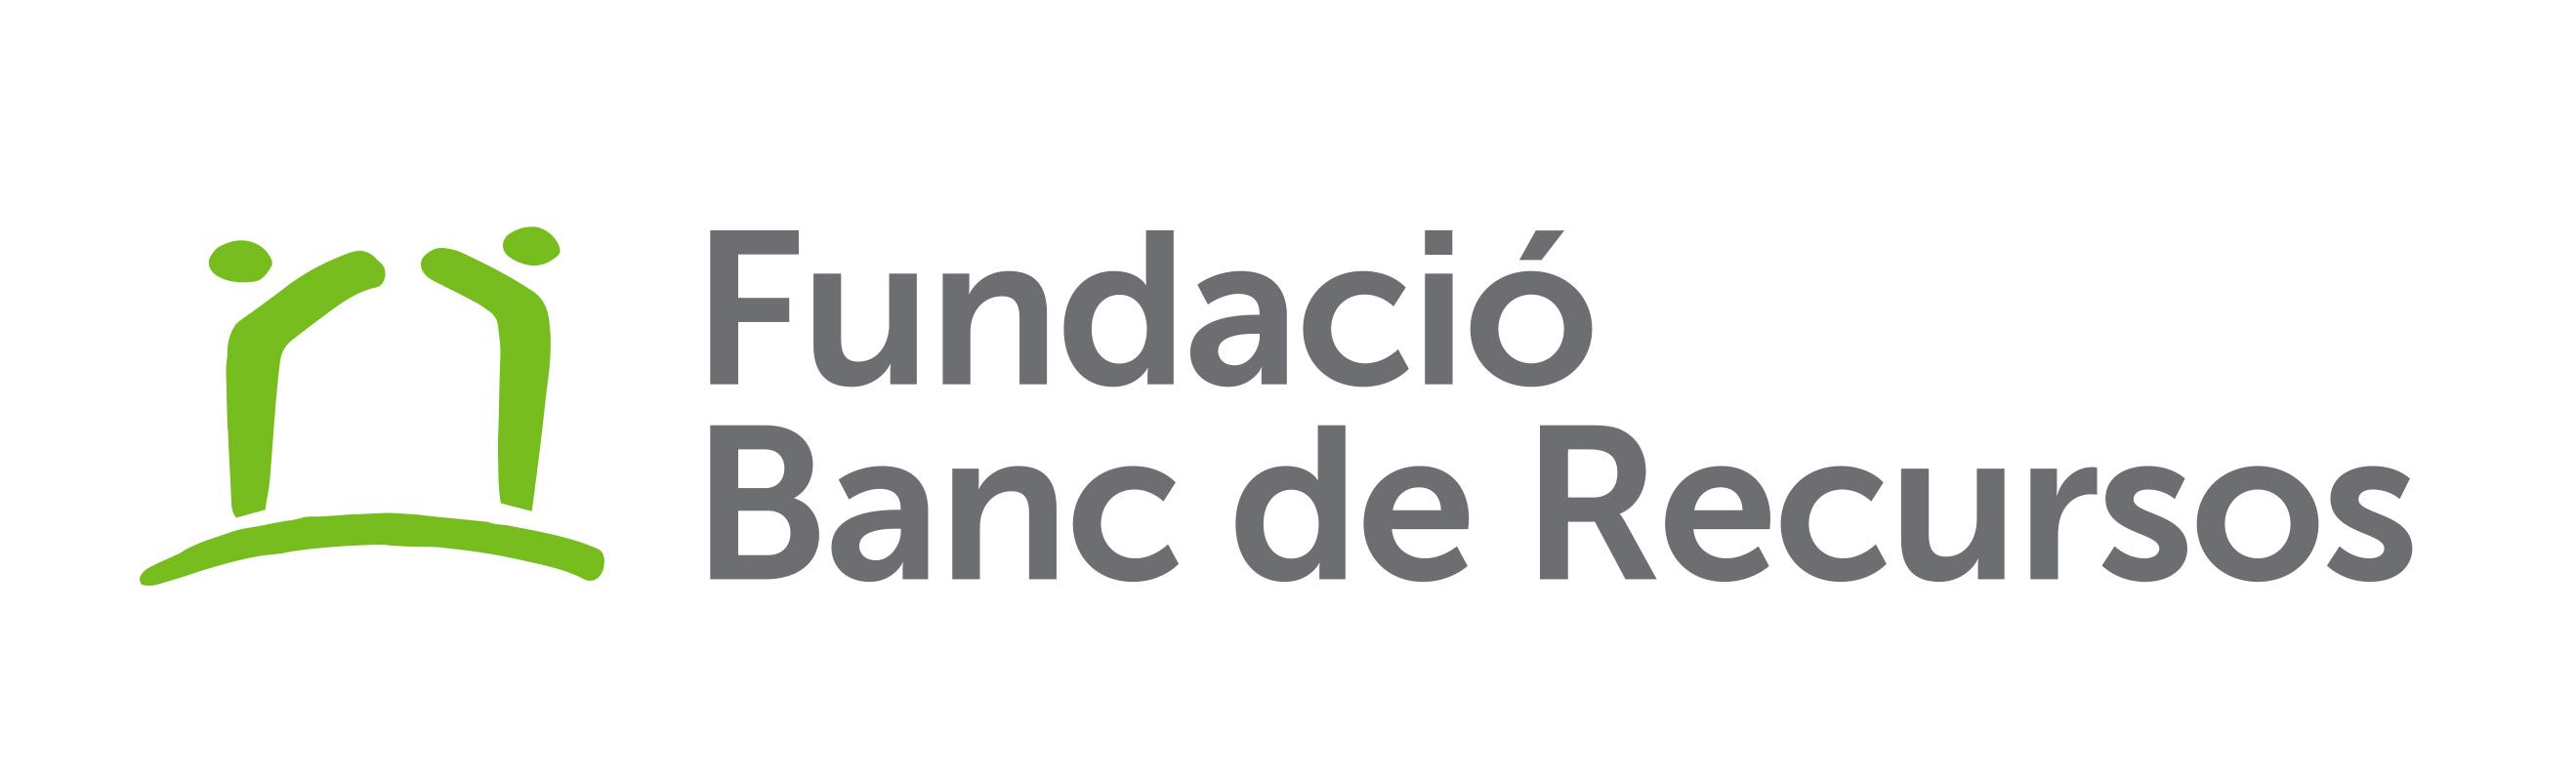 Fundació Banc de Recursos